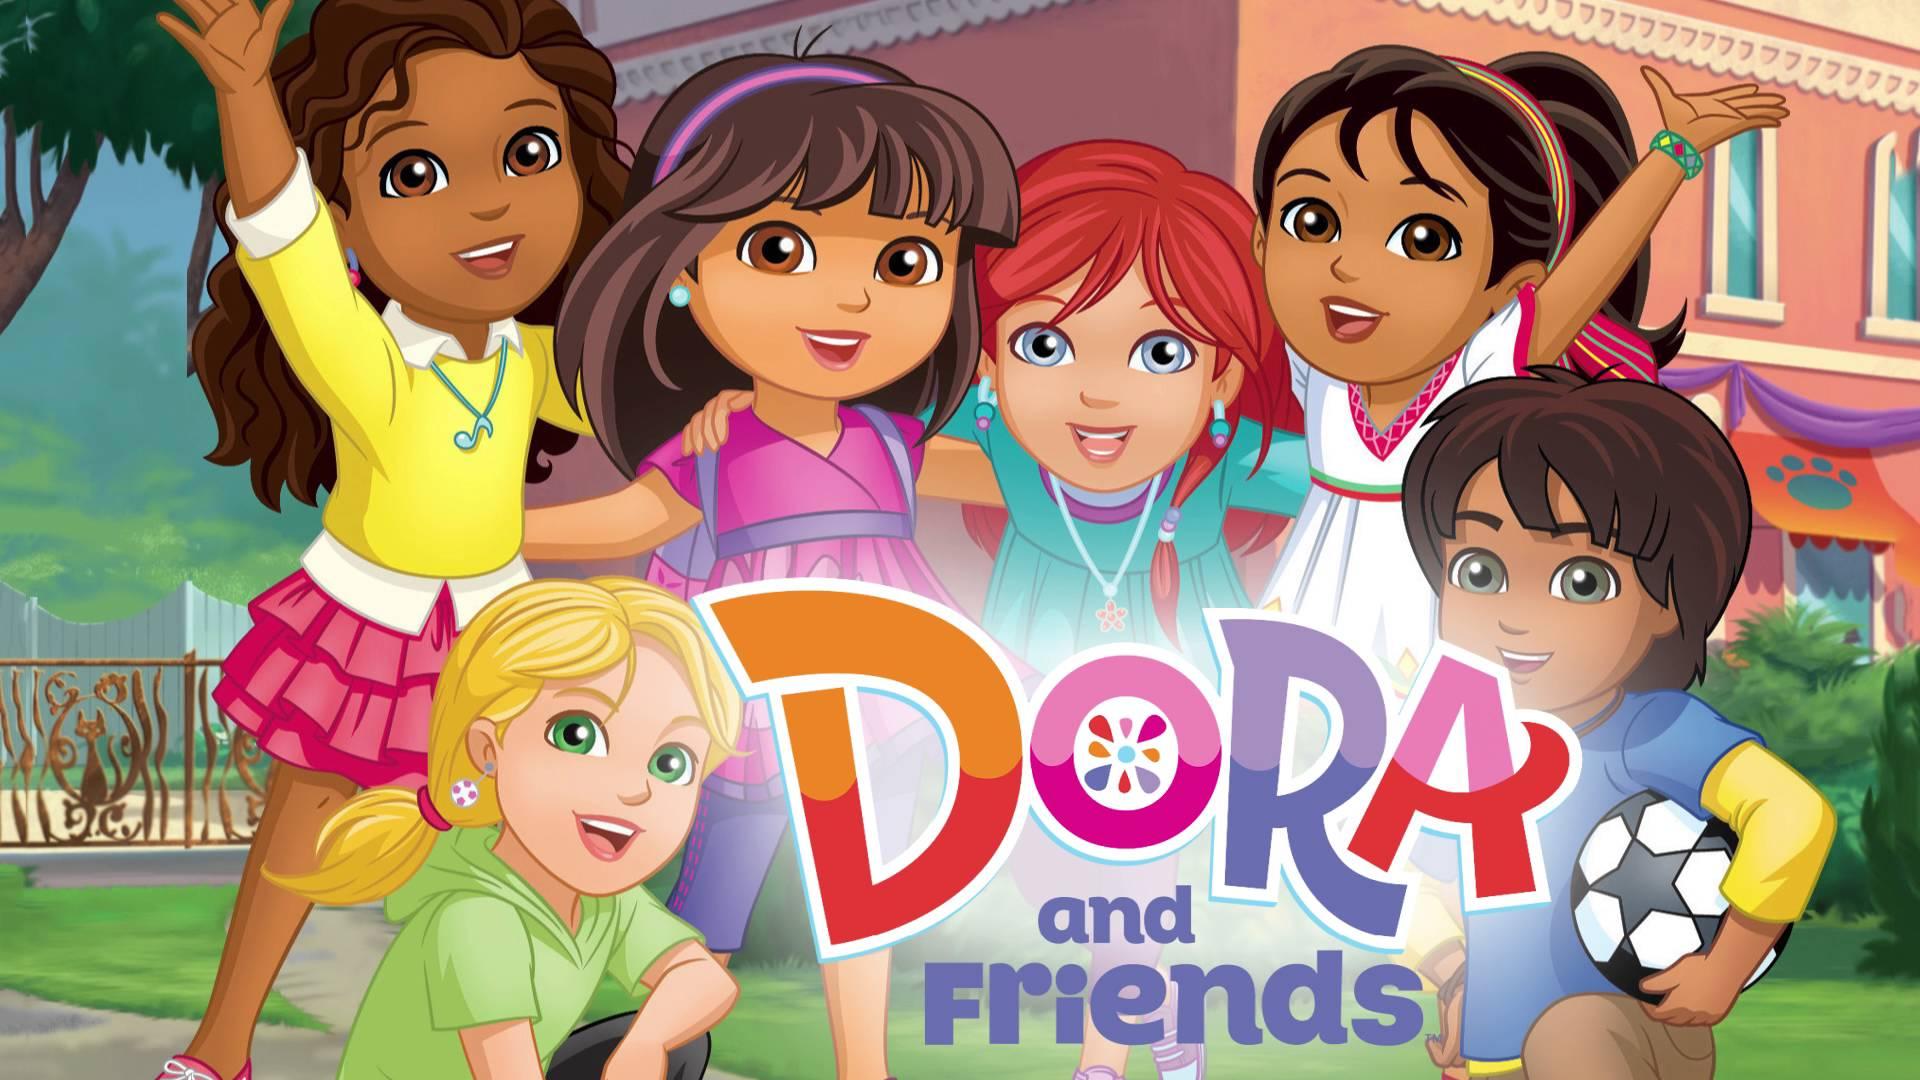 캐릭터 도라와 친구들 : 도시에서